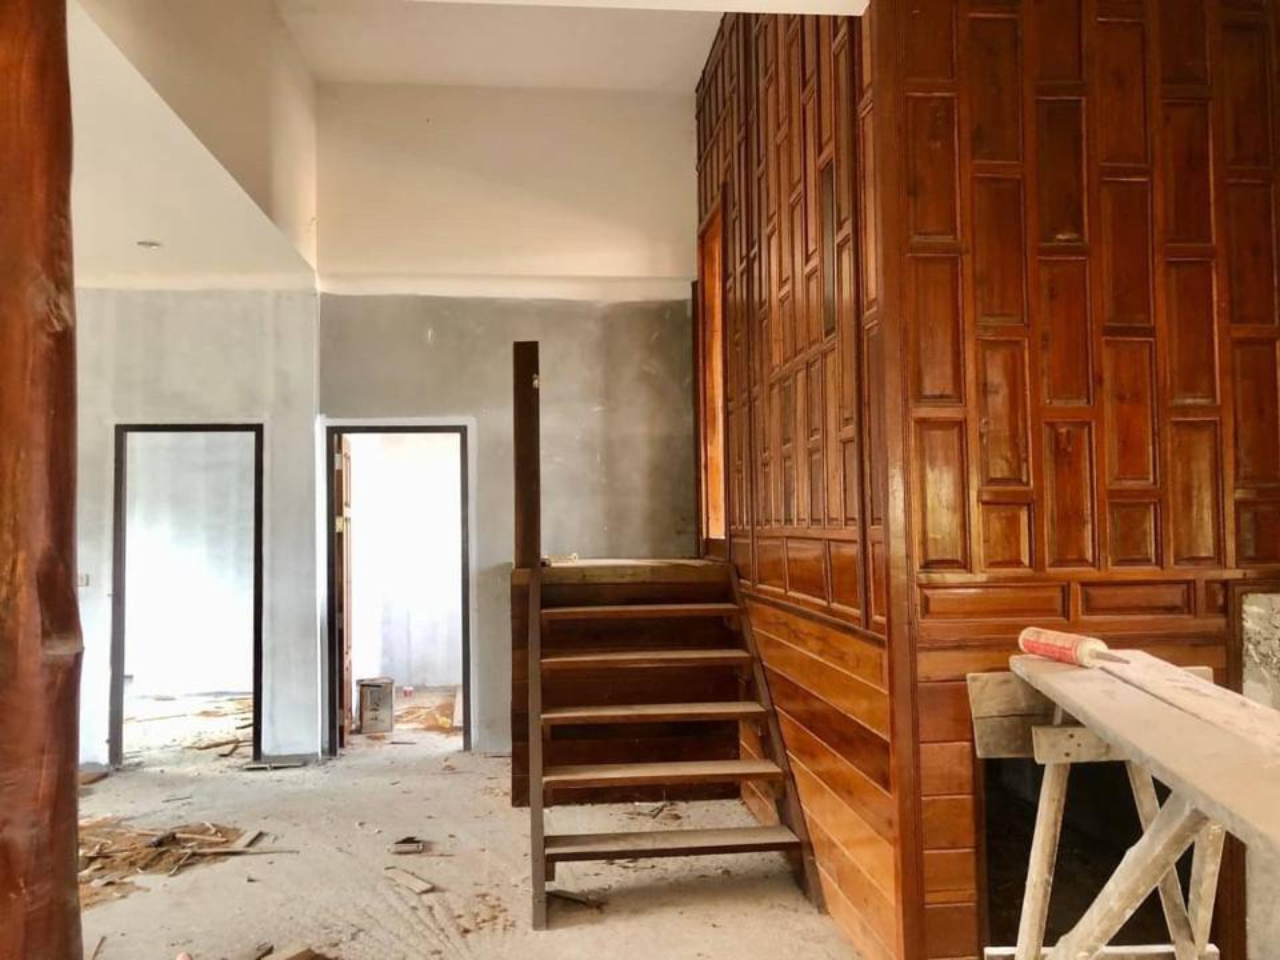 ขายบ้านเดี่ยว 2 ชั้นพัทยา  บ้านขายถูกใกล้เสร็จแล้ว ราคาขาย 3.9 ล้านบาท รูปที่ 3